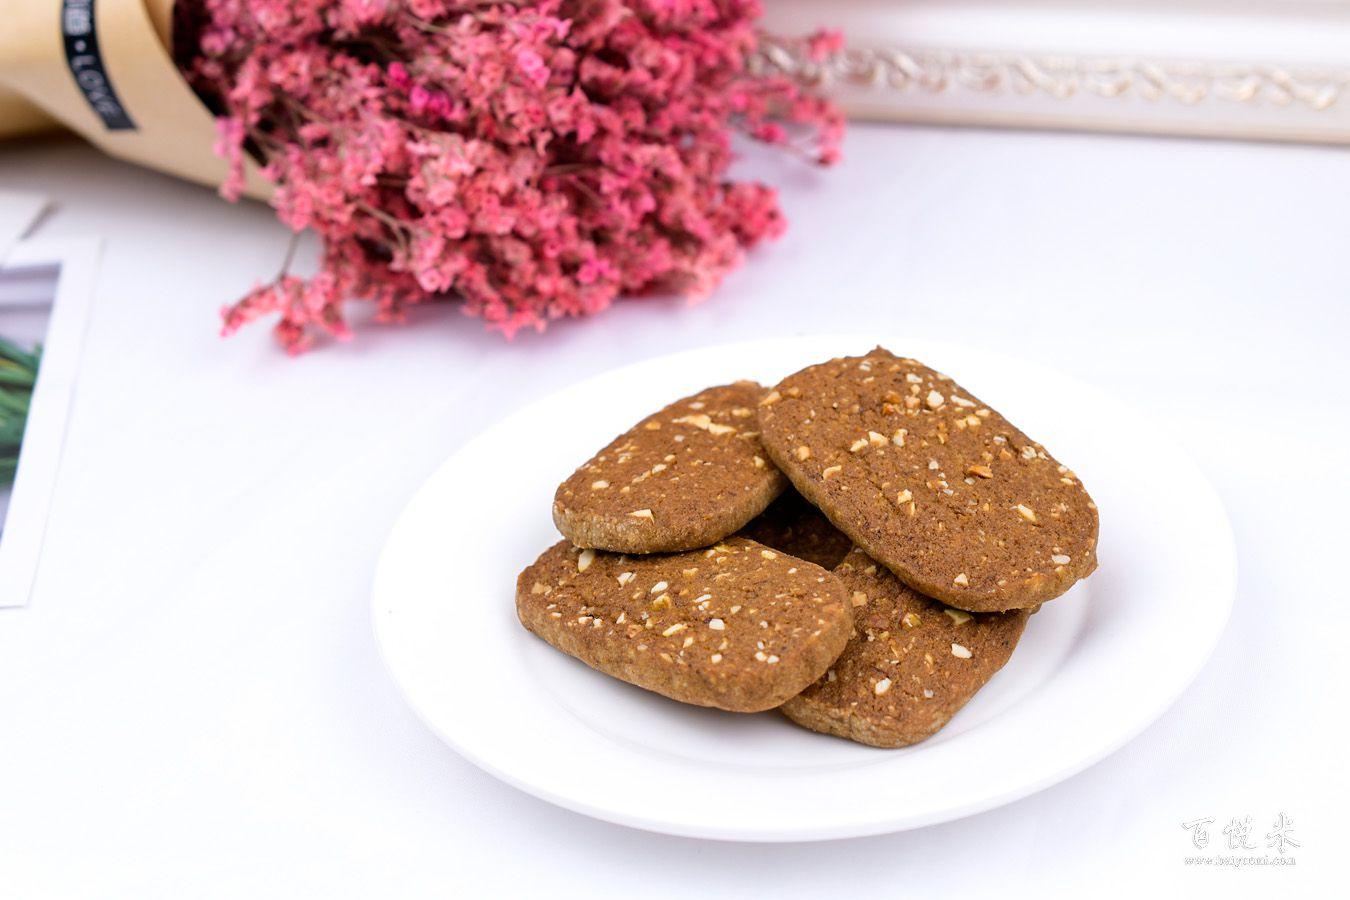 摩卡坚果饼干的做法大全,摩卡坚果饼干西点培训图文教程分享